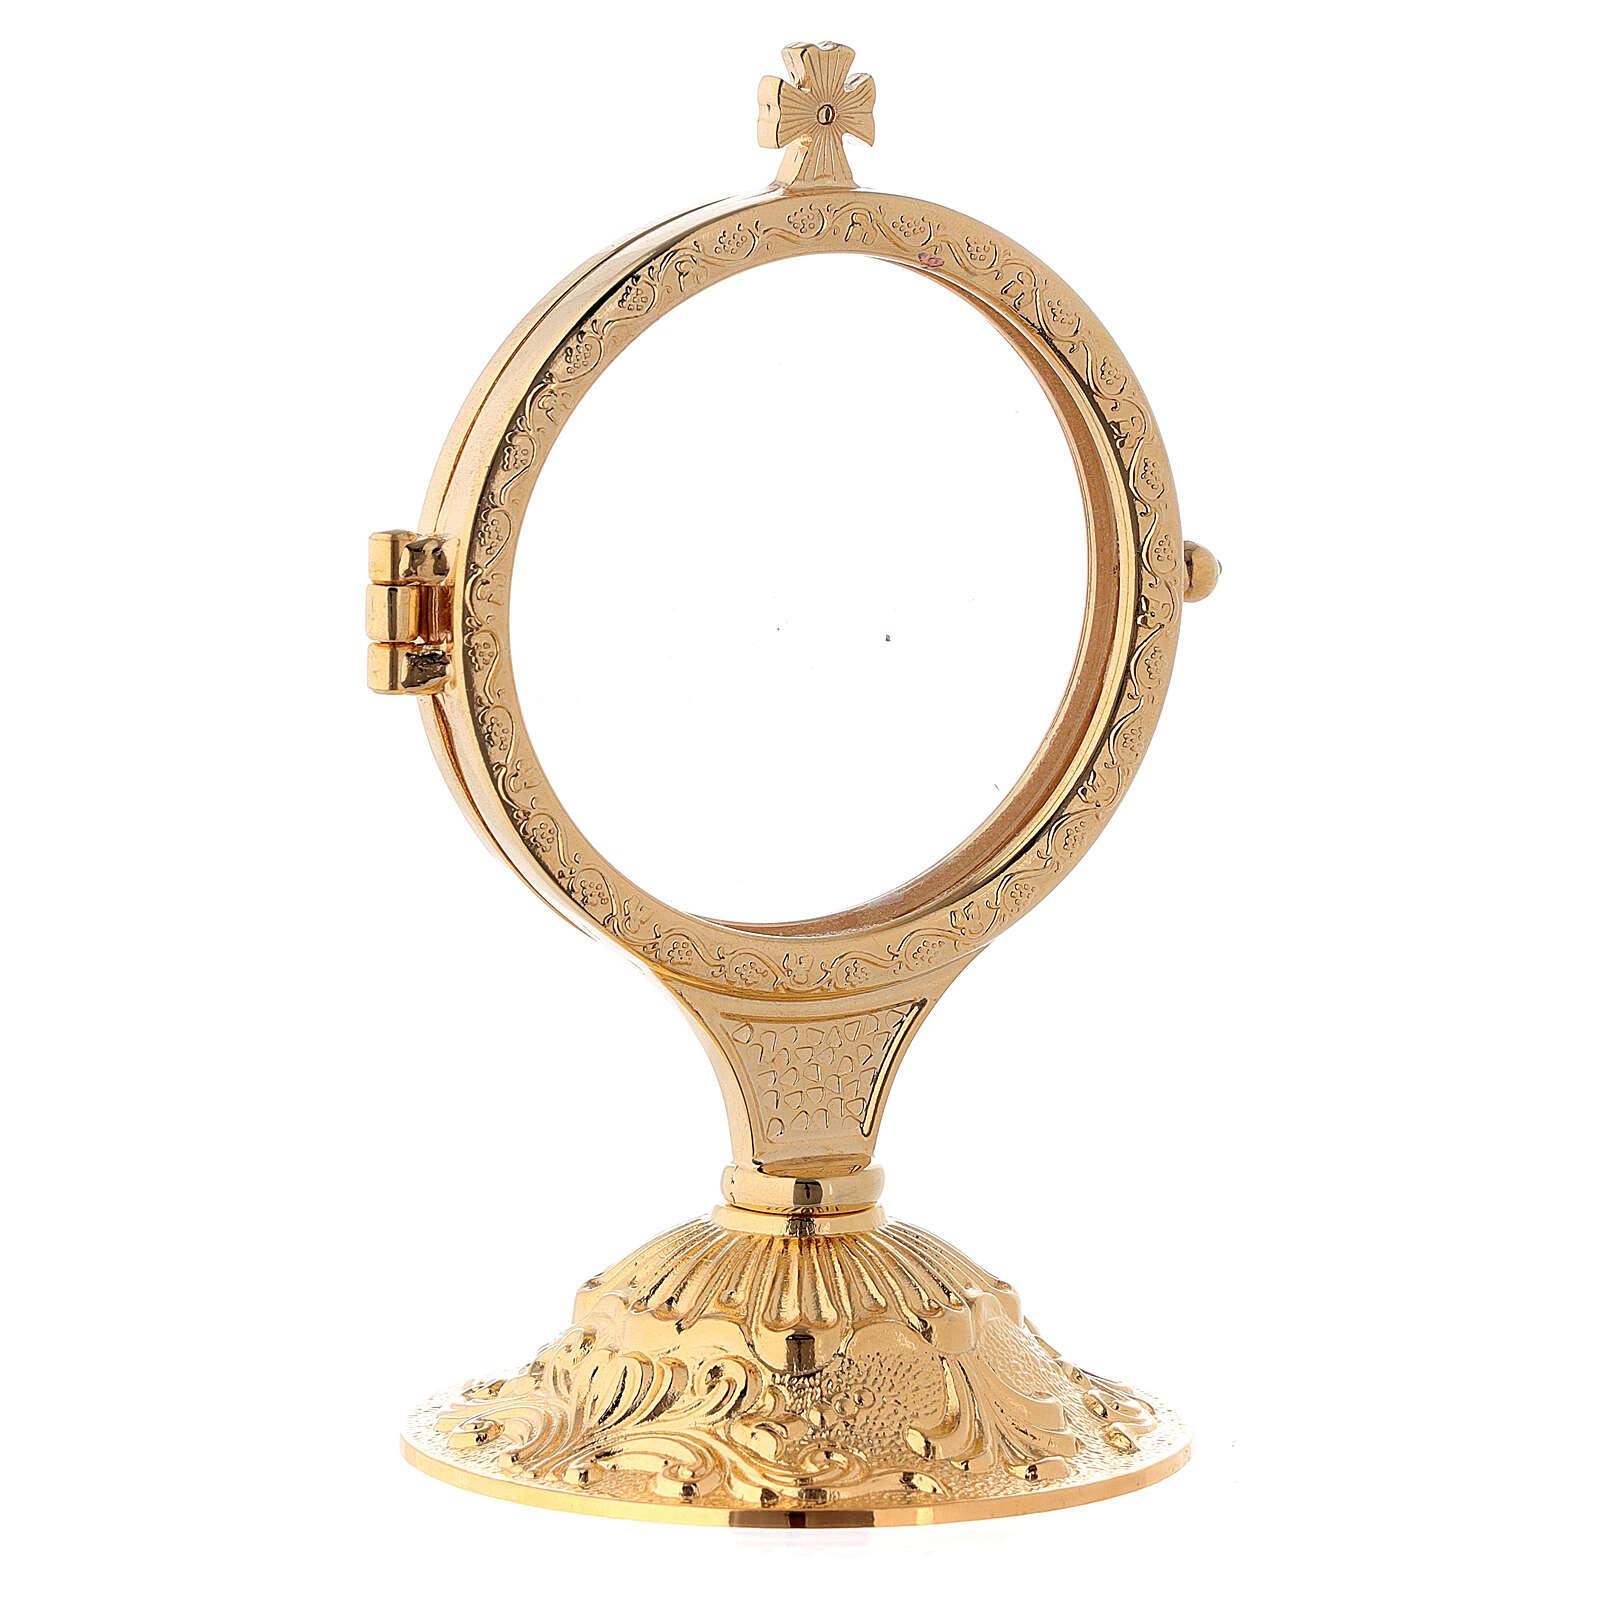 Ostensório para exposição latão fundido dourado 24k com base estilo barroco 13,5 cm 4